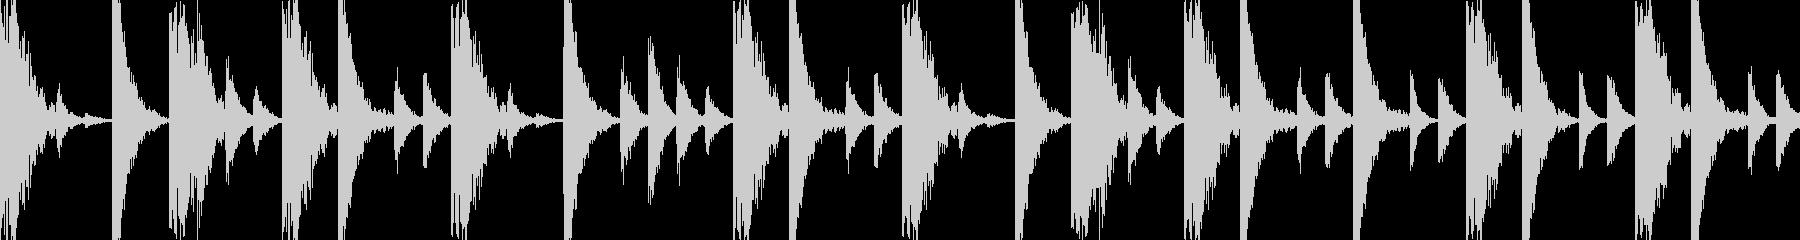 ドラムンベースのリズムループパターン06の未再生の波形